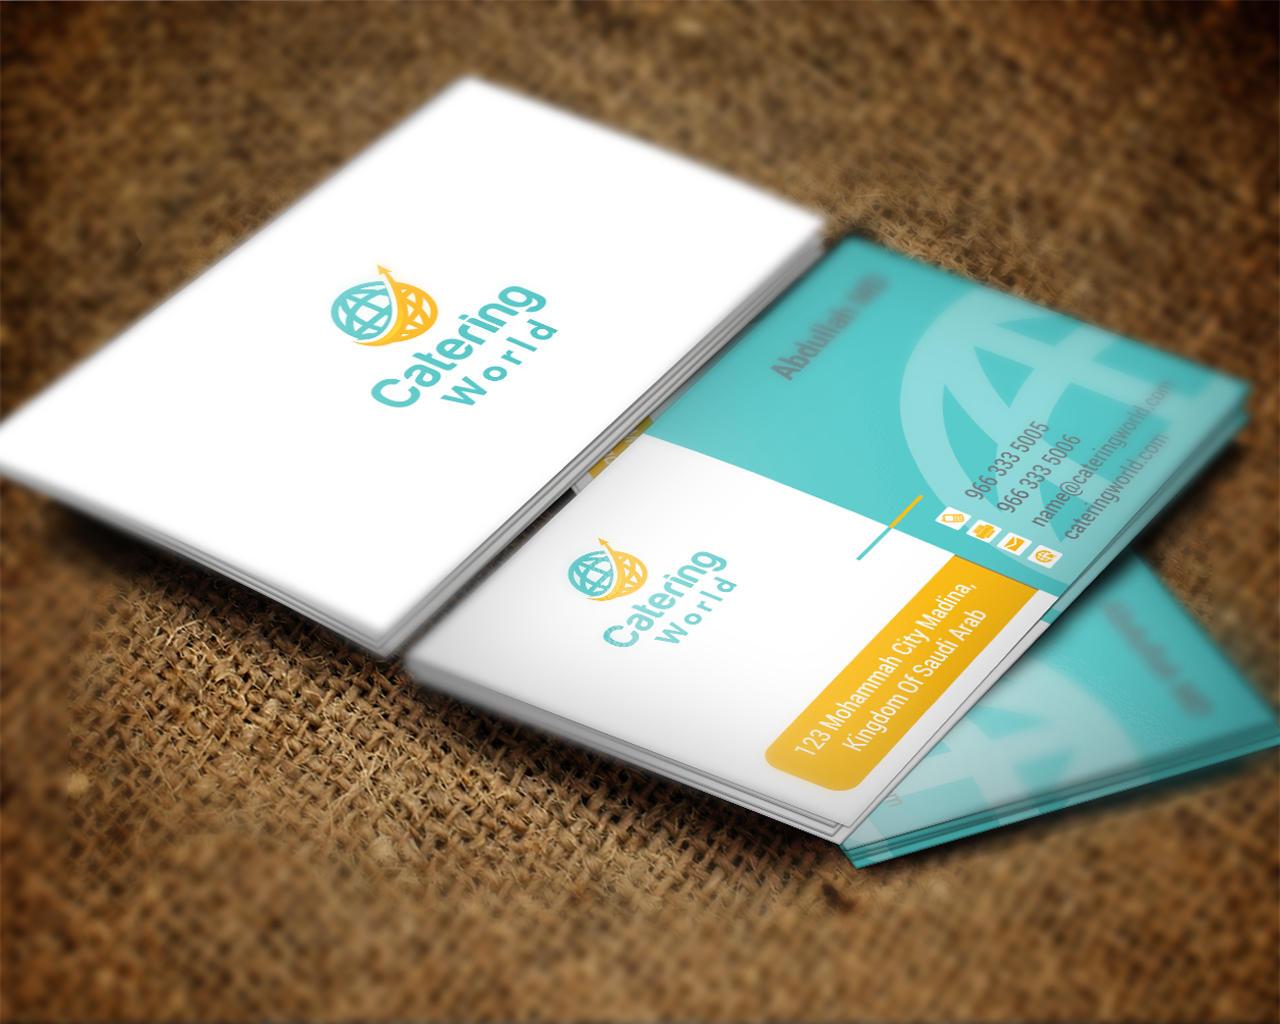 Unique Business Card Design by shujaktk on Envato Studio